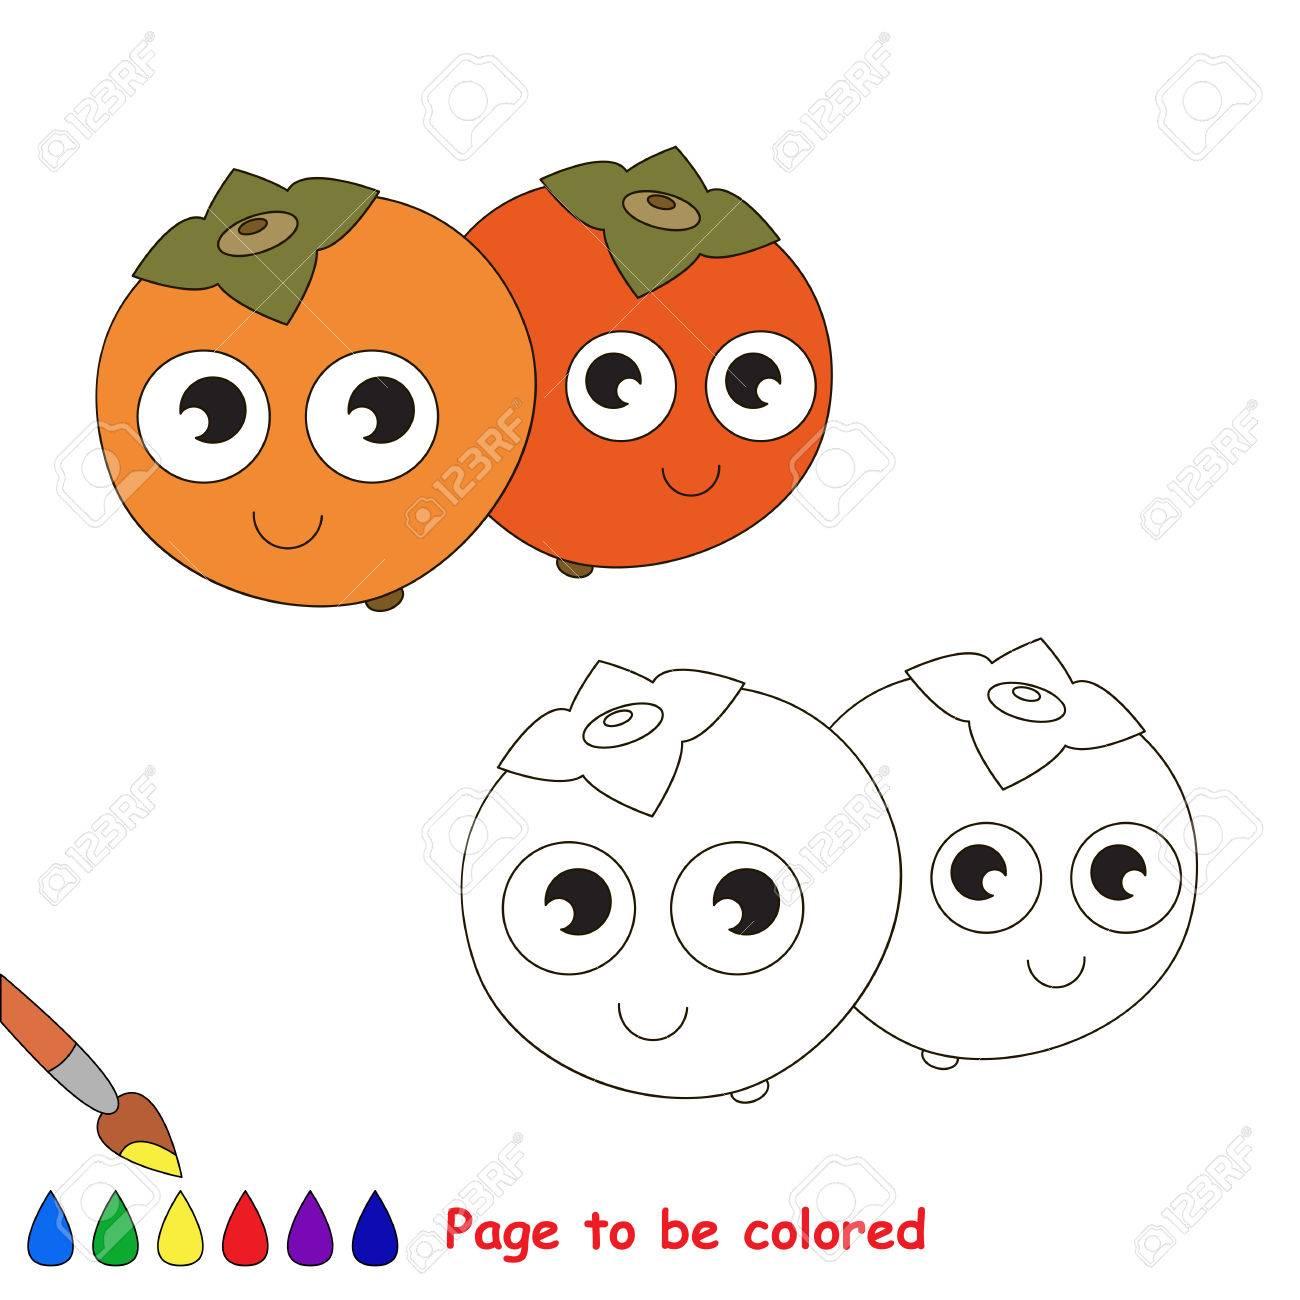 Caqui A Ser De Color Libro De Colorante Para Educar A Los Ninos